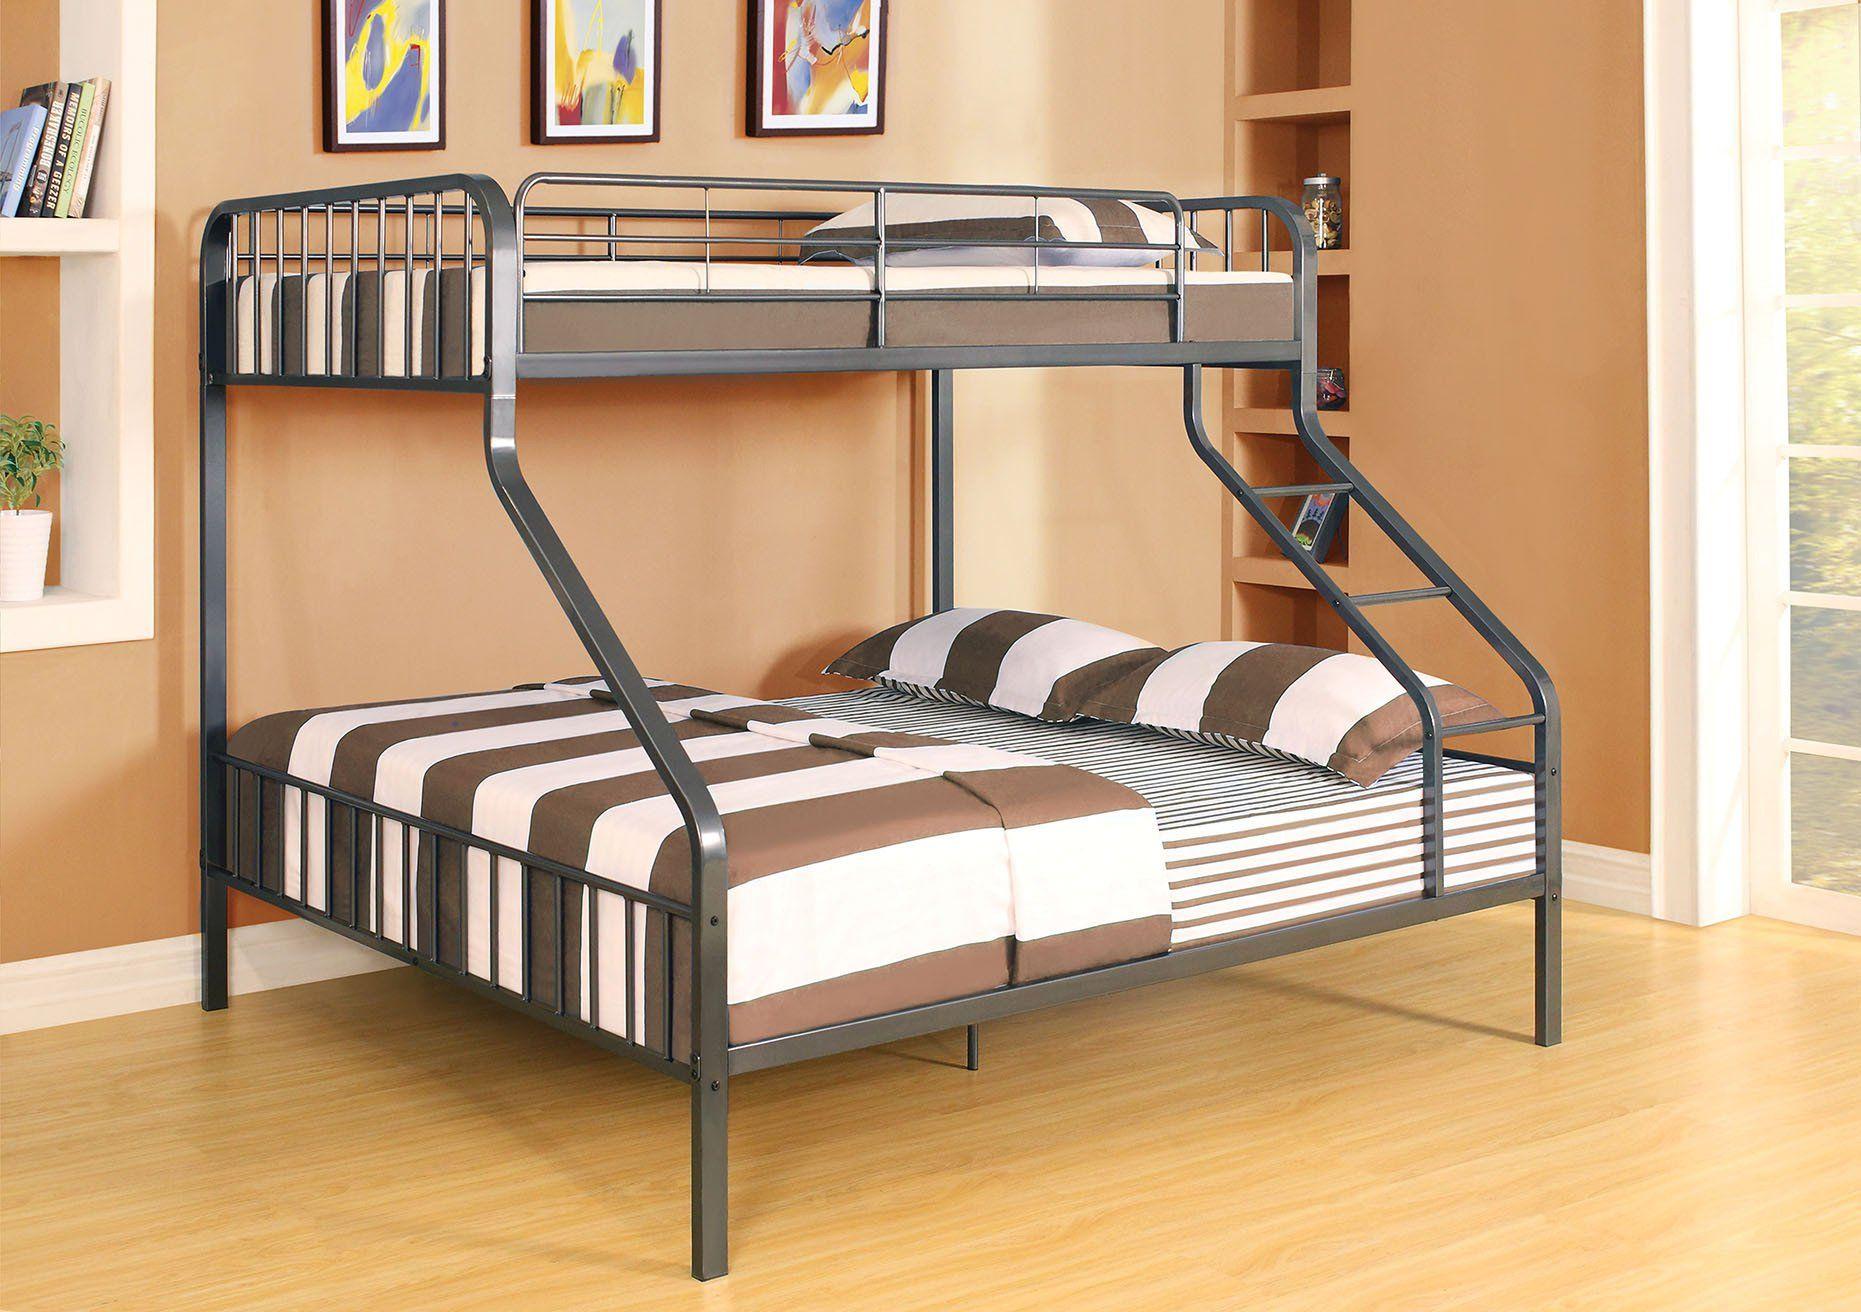 ACME 37605 CAIUS GUNMETAL TWIN XL QUEEN BUNK BED Queen